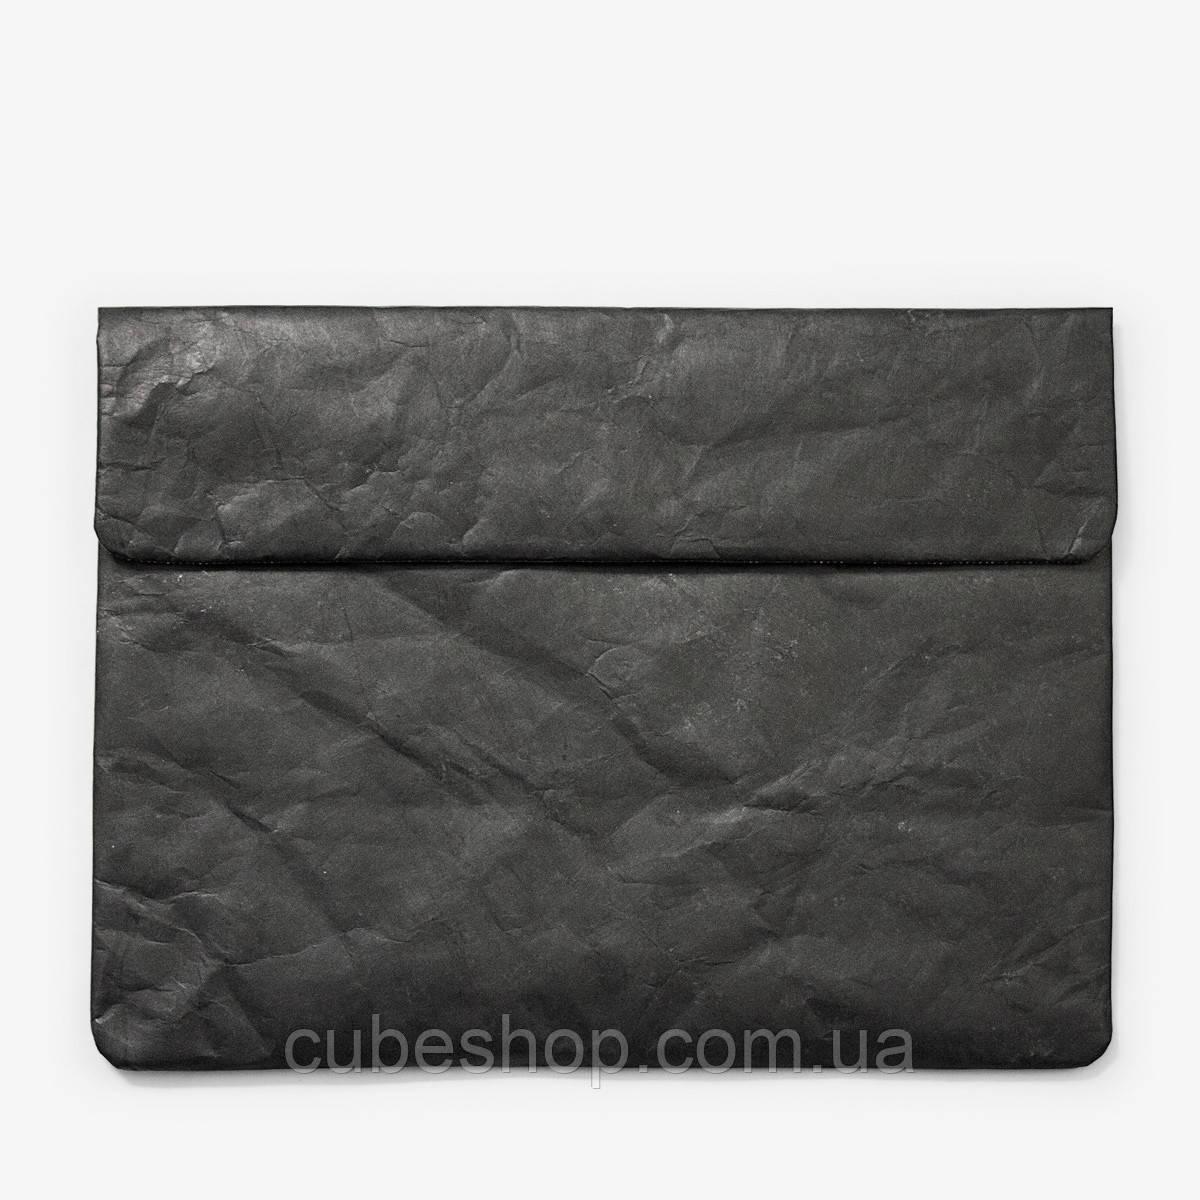 Чехол для ноутбука Black 15L